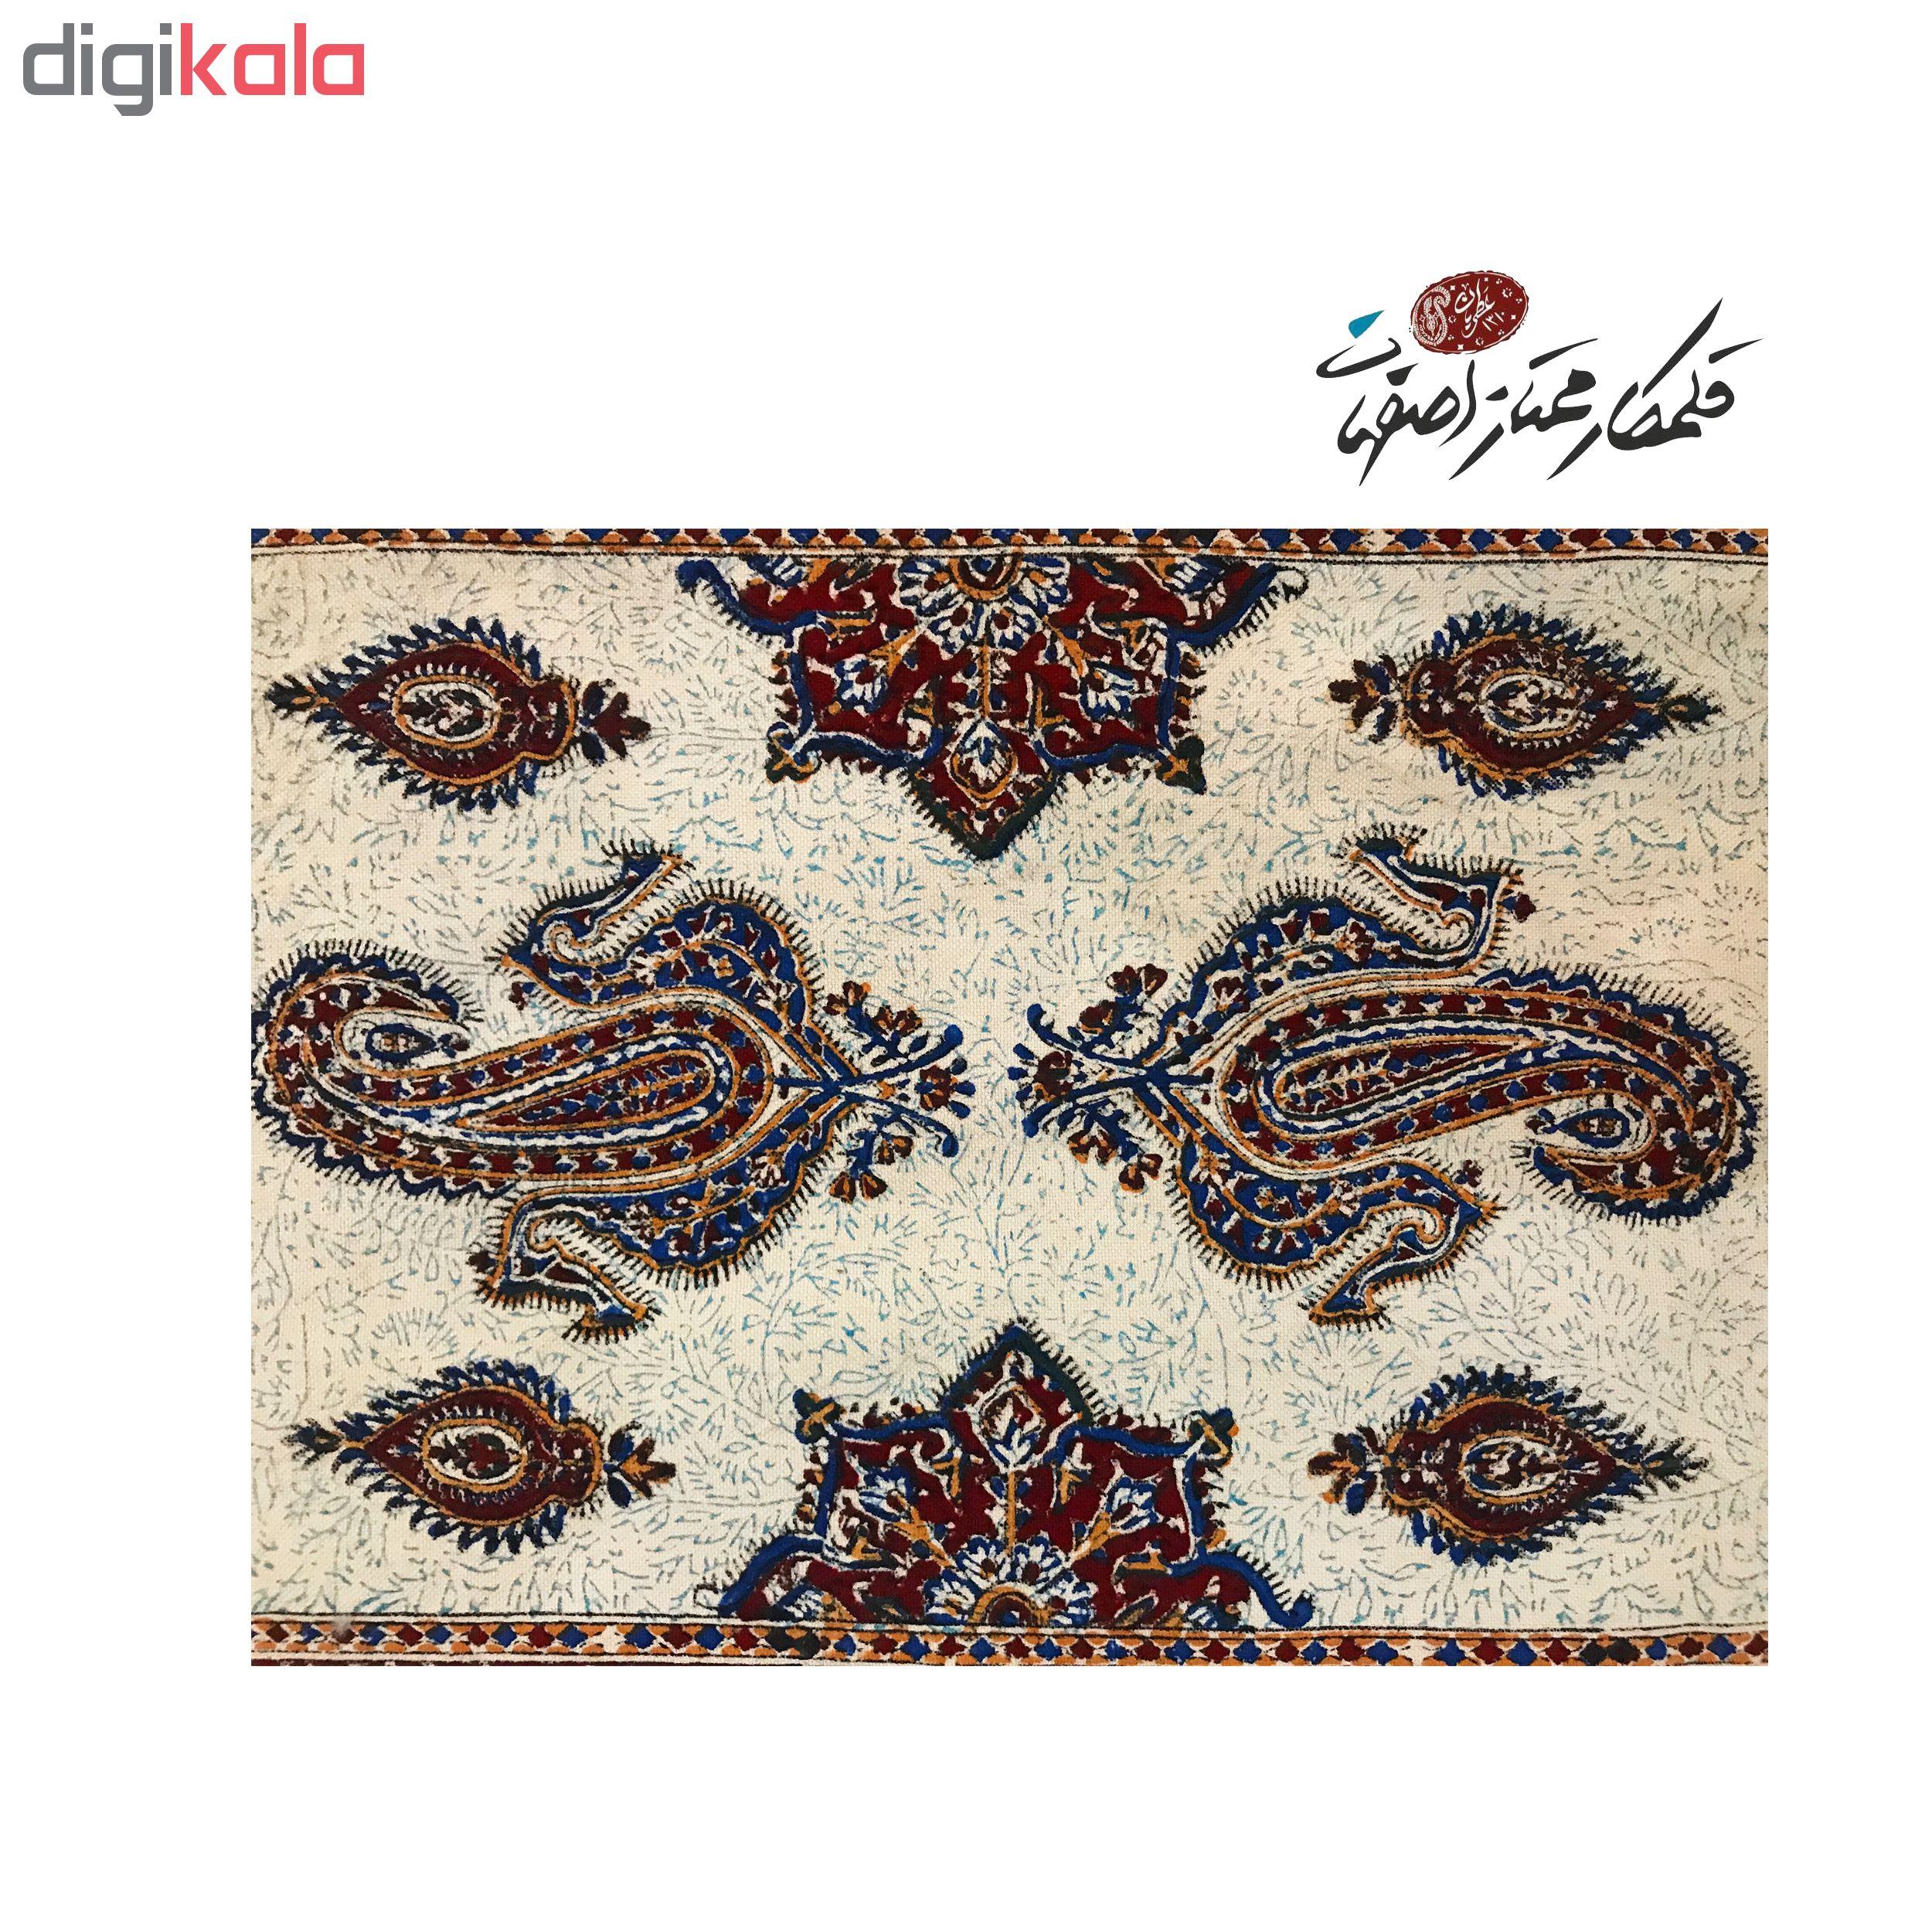 خرید                      رومیزی قلمکار ممتاز اصفهان اثر عطريان طرح ترنج مدل G95سایز 40*60 سانتی متر